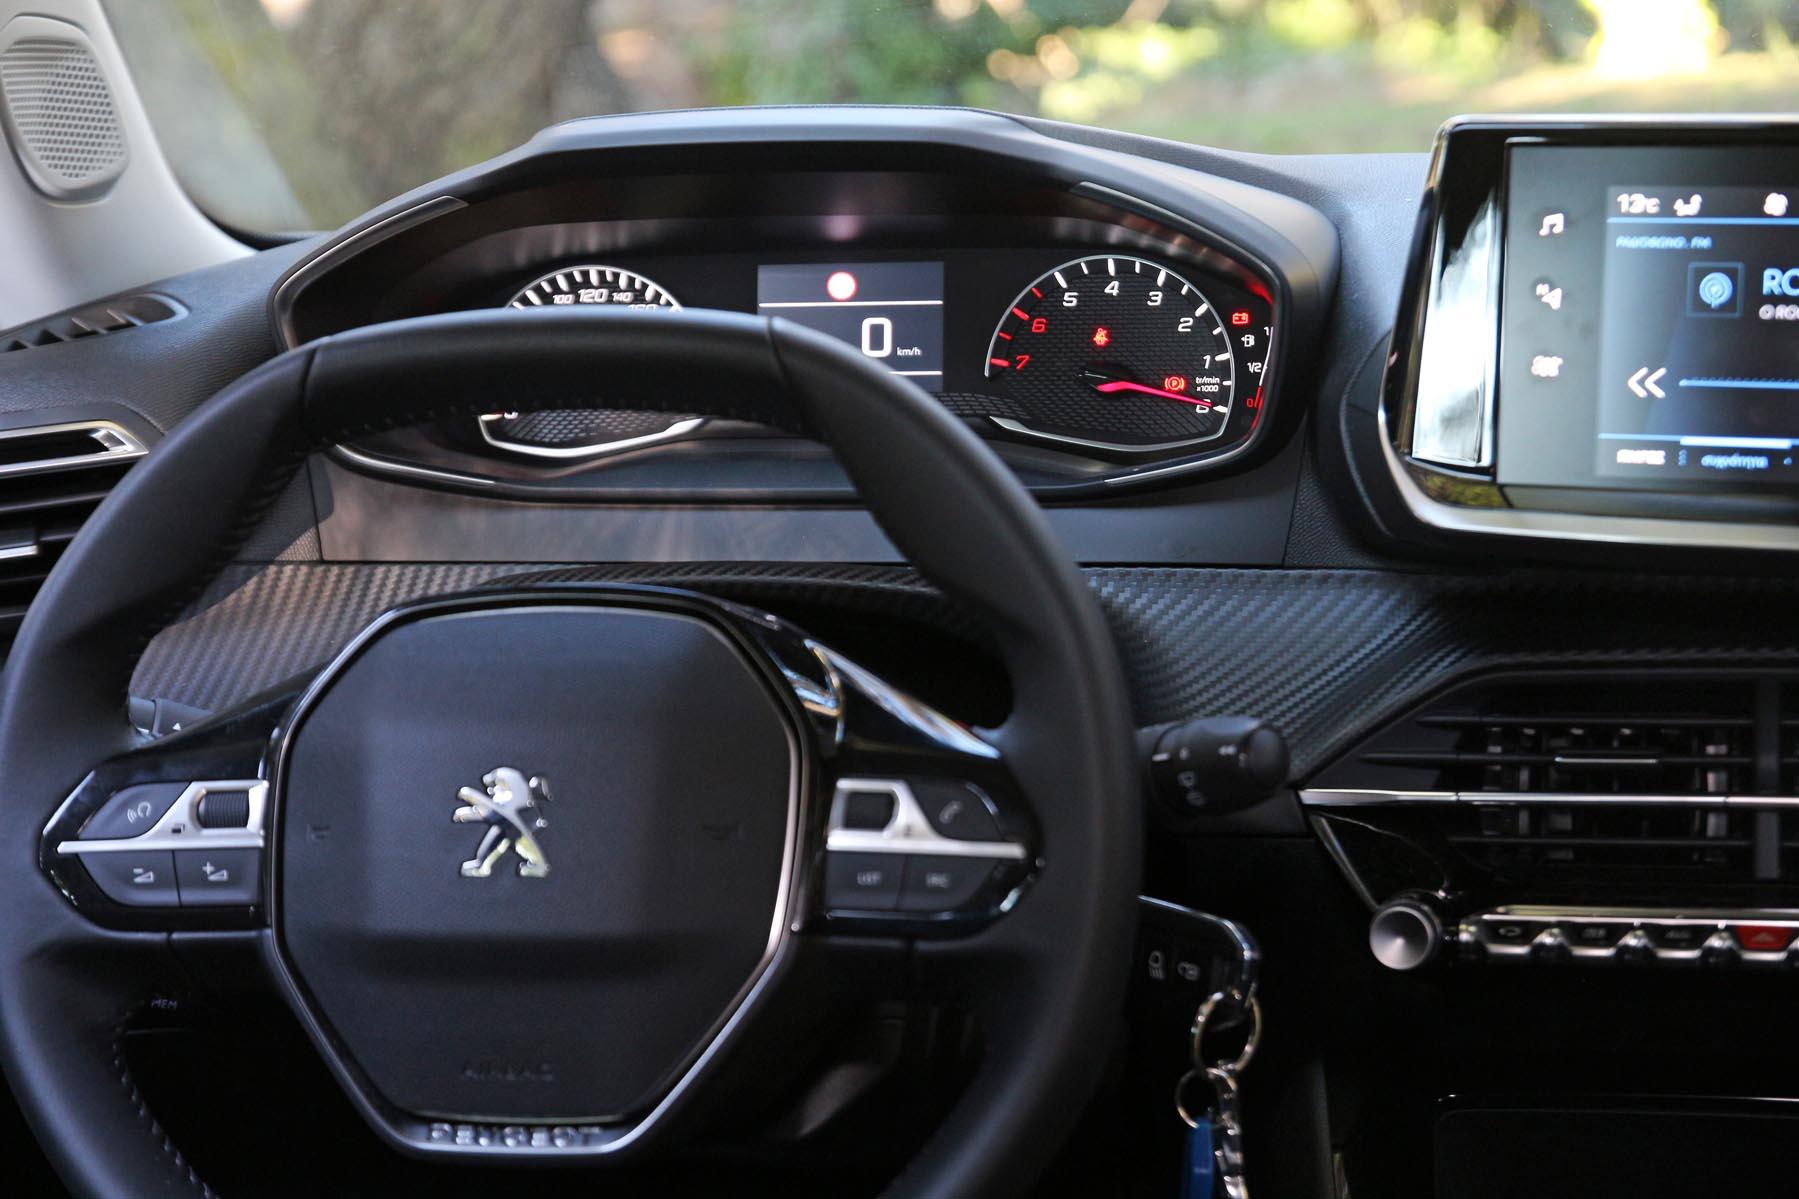 Nissan Juke 1.0 vs Peugeot 2008 1.2 test drive